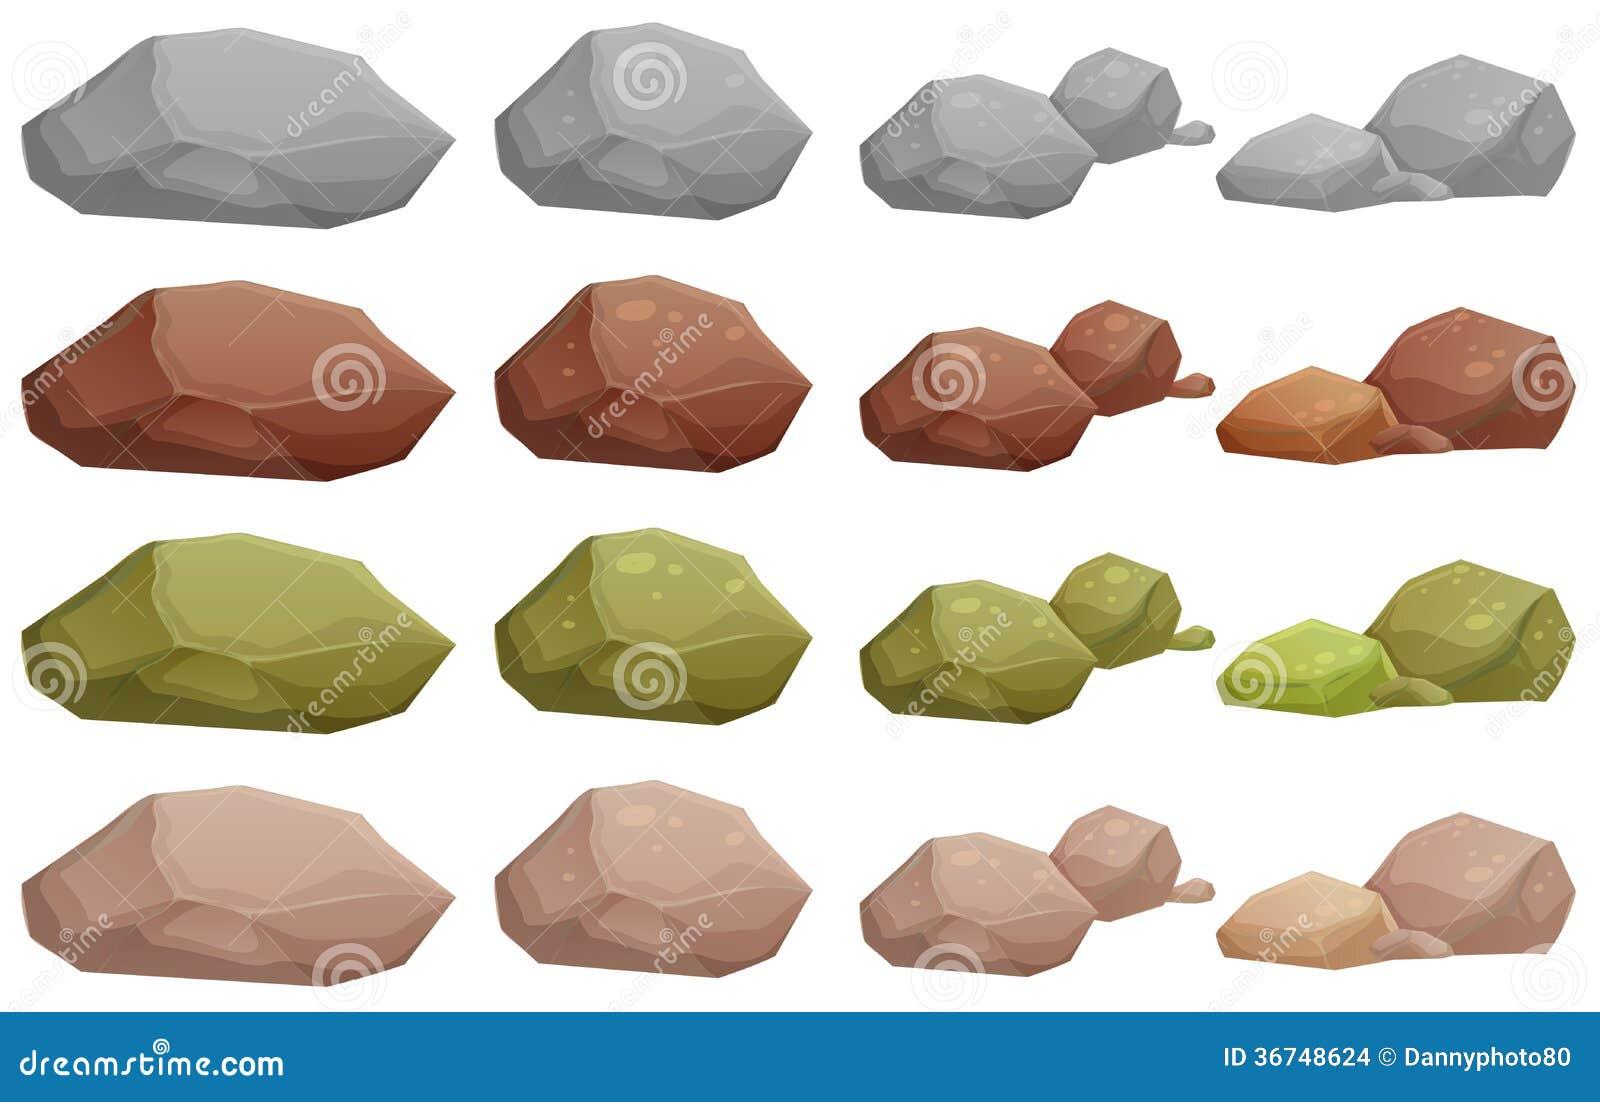 Diversas rocas